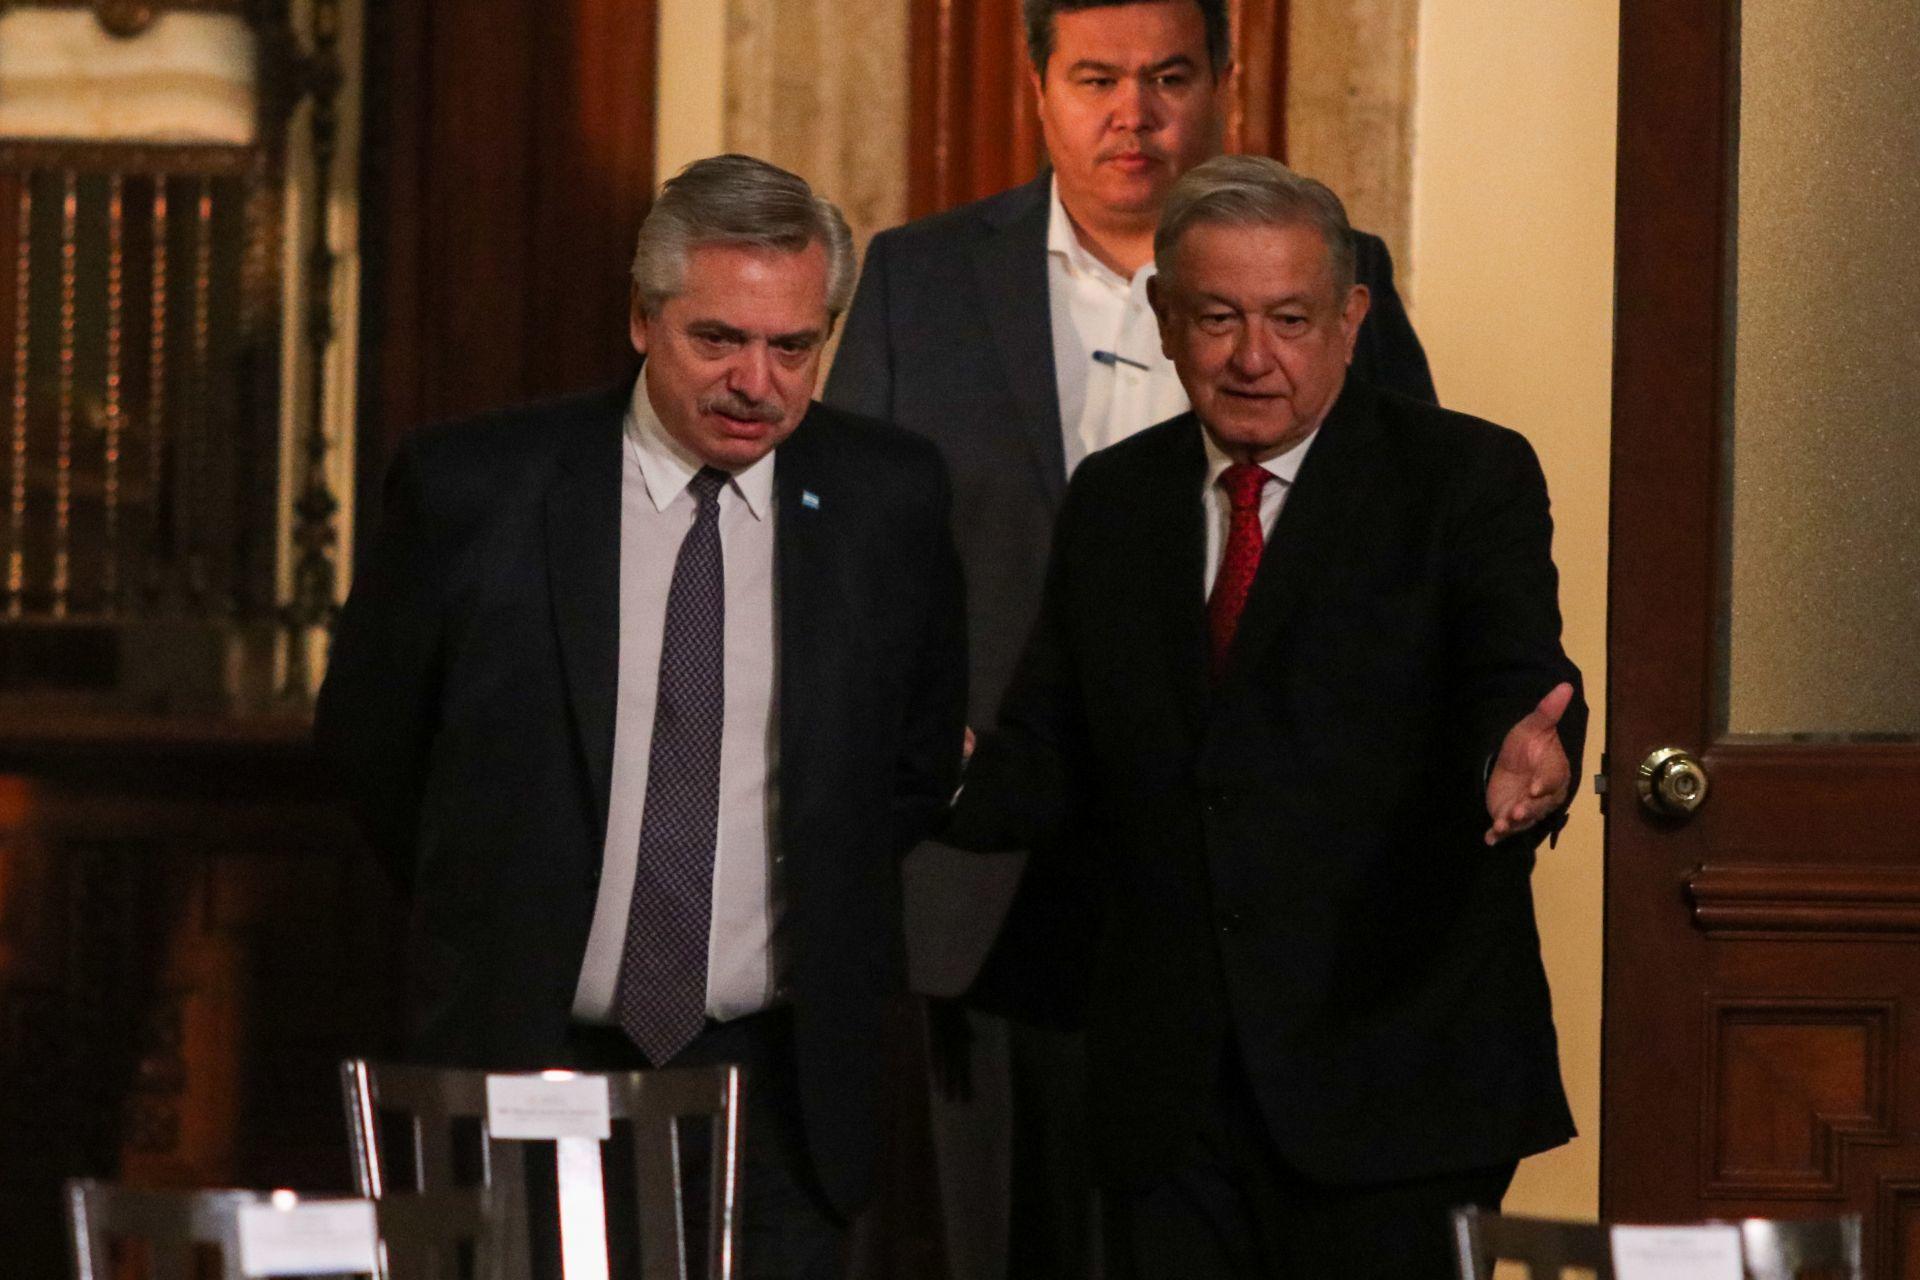 Como parte de su visita de trabajo, el presidente de Argentina Alberto Fernández participó en la conferencia matutina del presidente Andrés Manuel López Obrador que como cada martes se dedica al informe sobre el avance ante la pandemia por Covid-19.